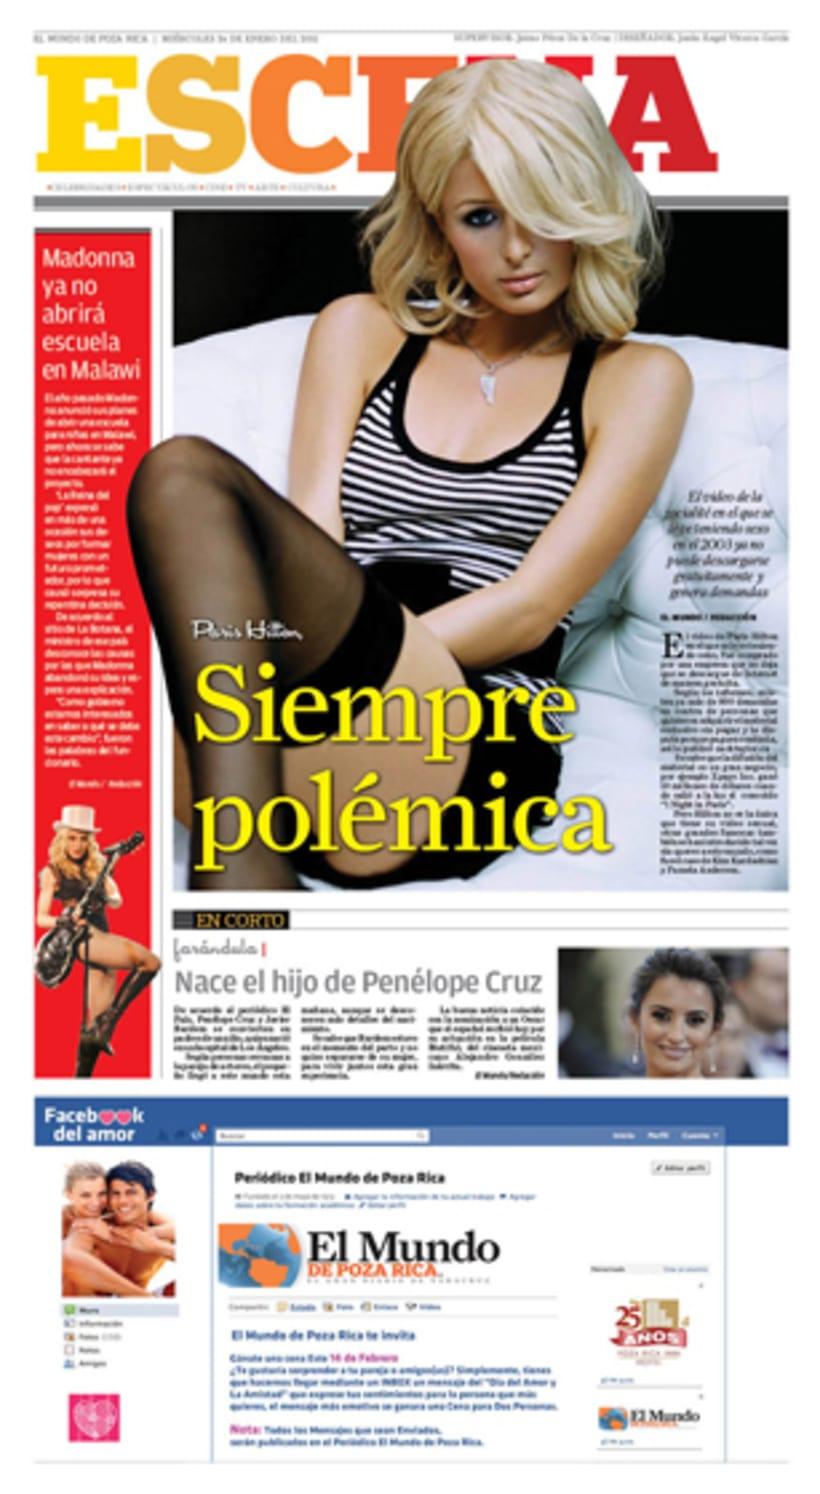 Diseño editorial-ELMUNDO 23